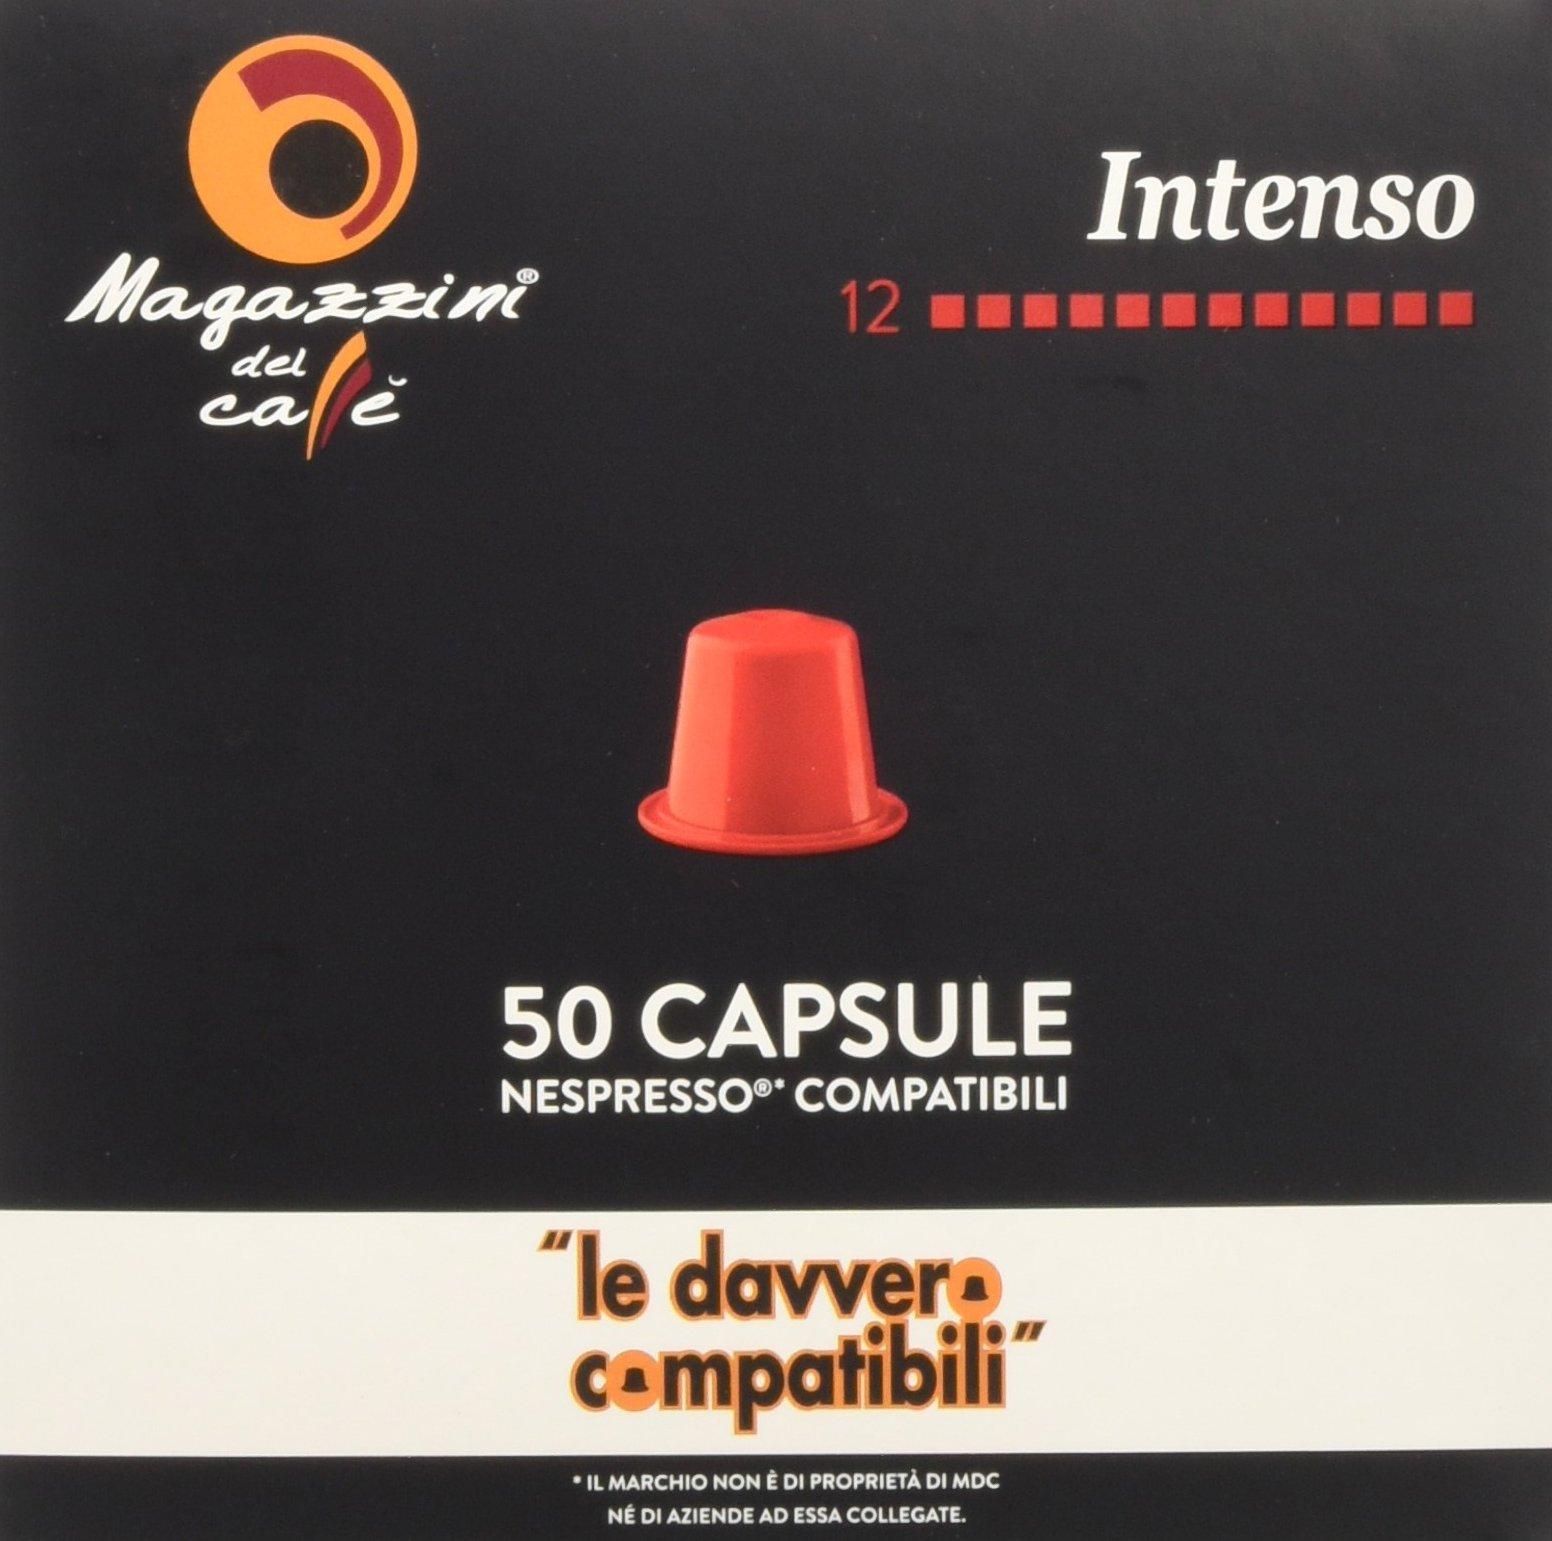 Magazzini del Caffè, 50 Capsule Compatibili Nespresso - Miscela Intenso - Intensità 12 con Retrogusto di Cioccolato… 2 spesavip